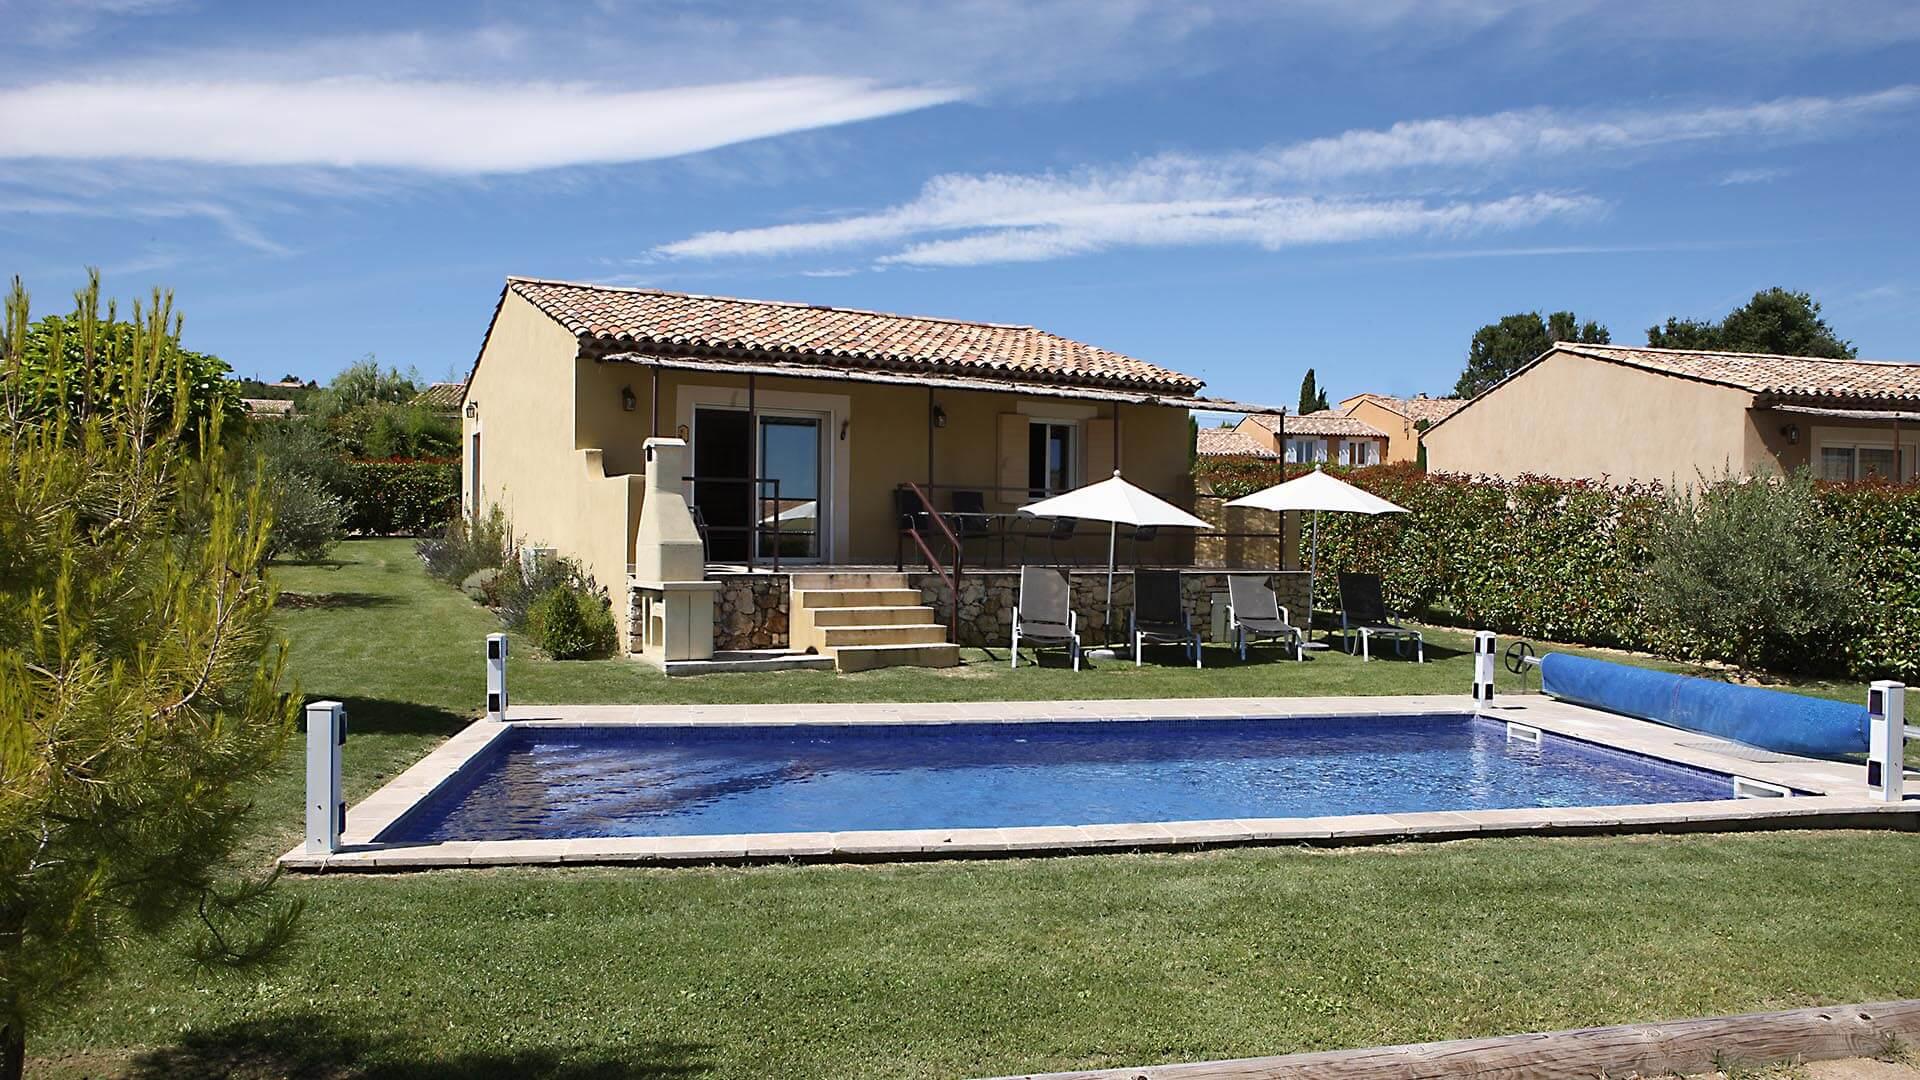 Location saisonnière T3 Alpes de Haute Provence | Villa mon rêve | Piscine chauffée